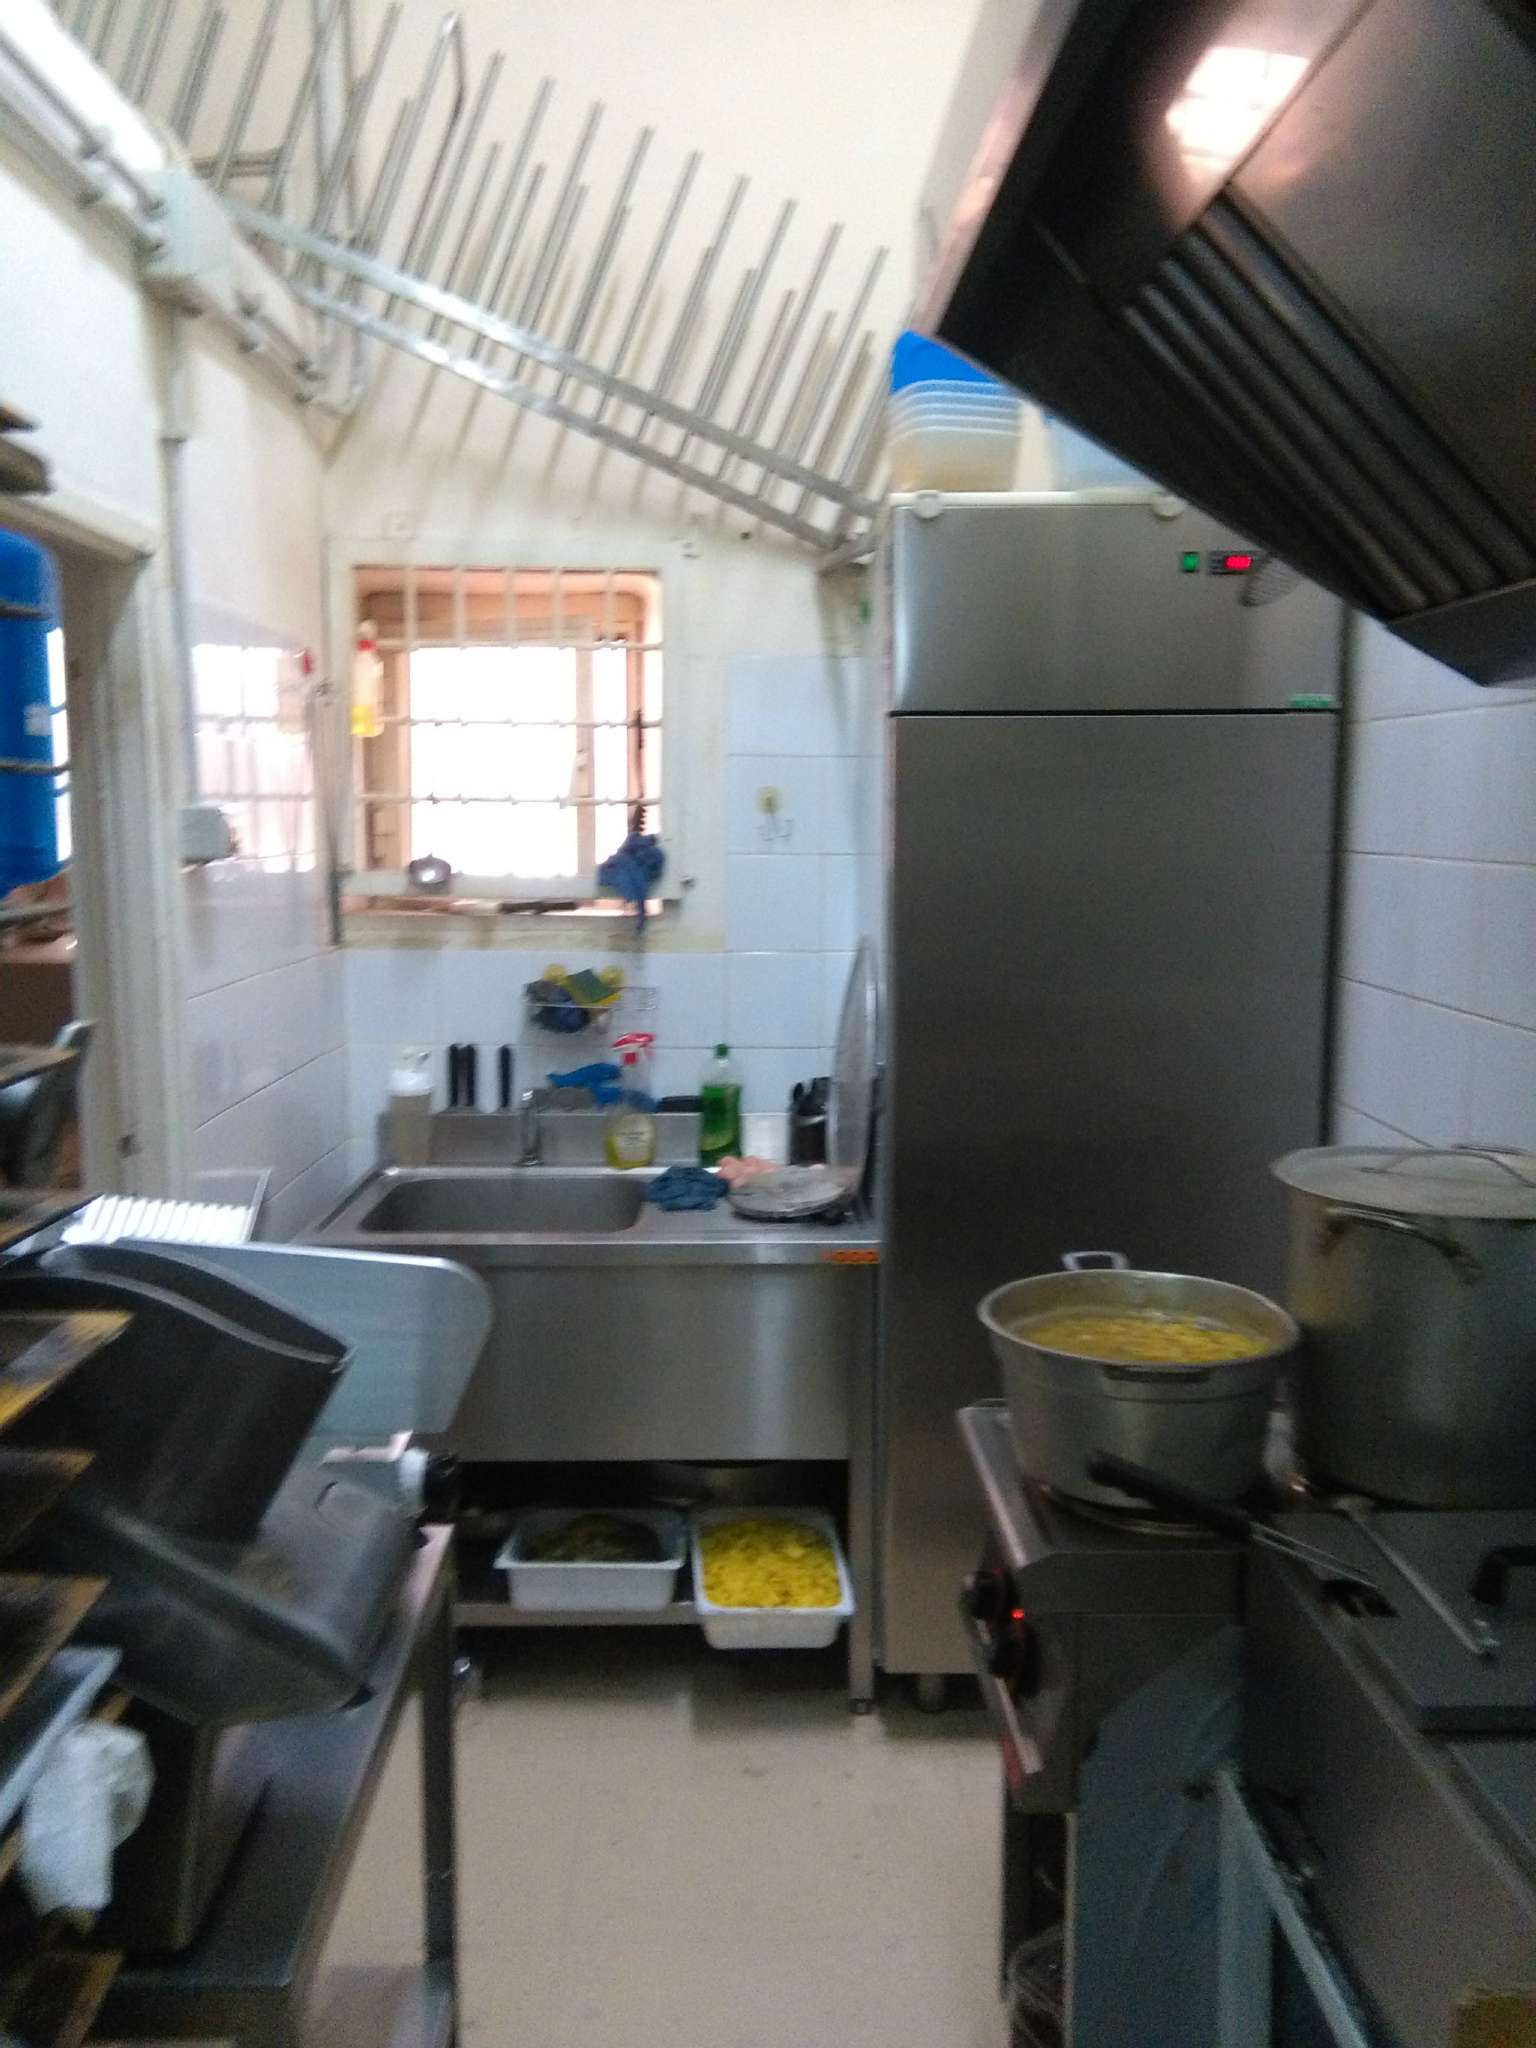 Ristorante / Pizzeria / Trattoria in Vendita a Pomezia